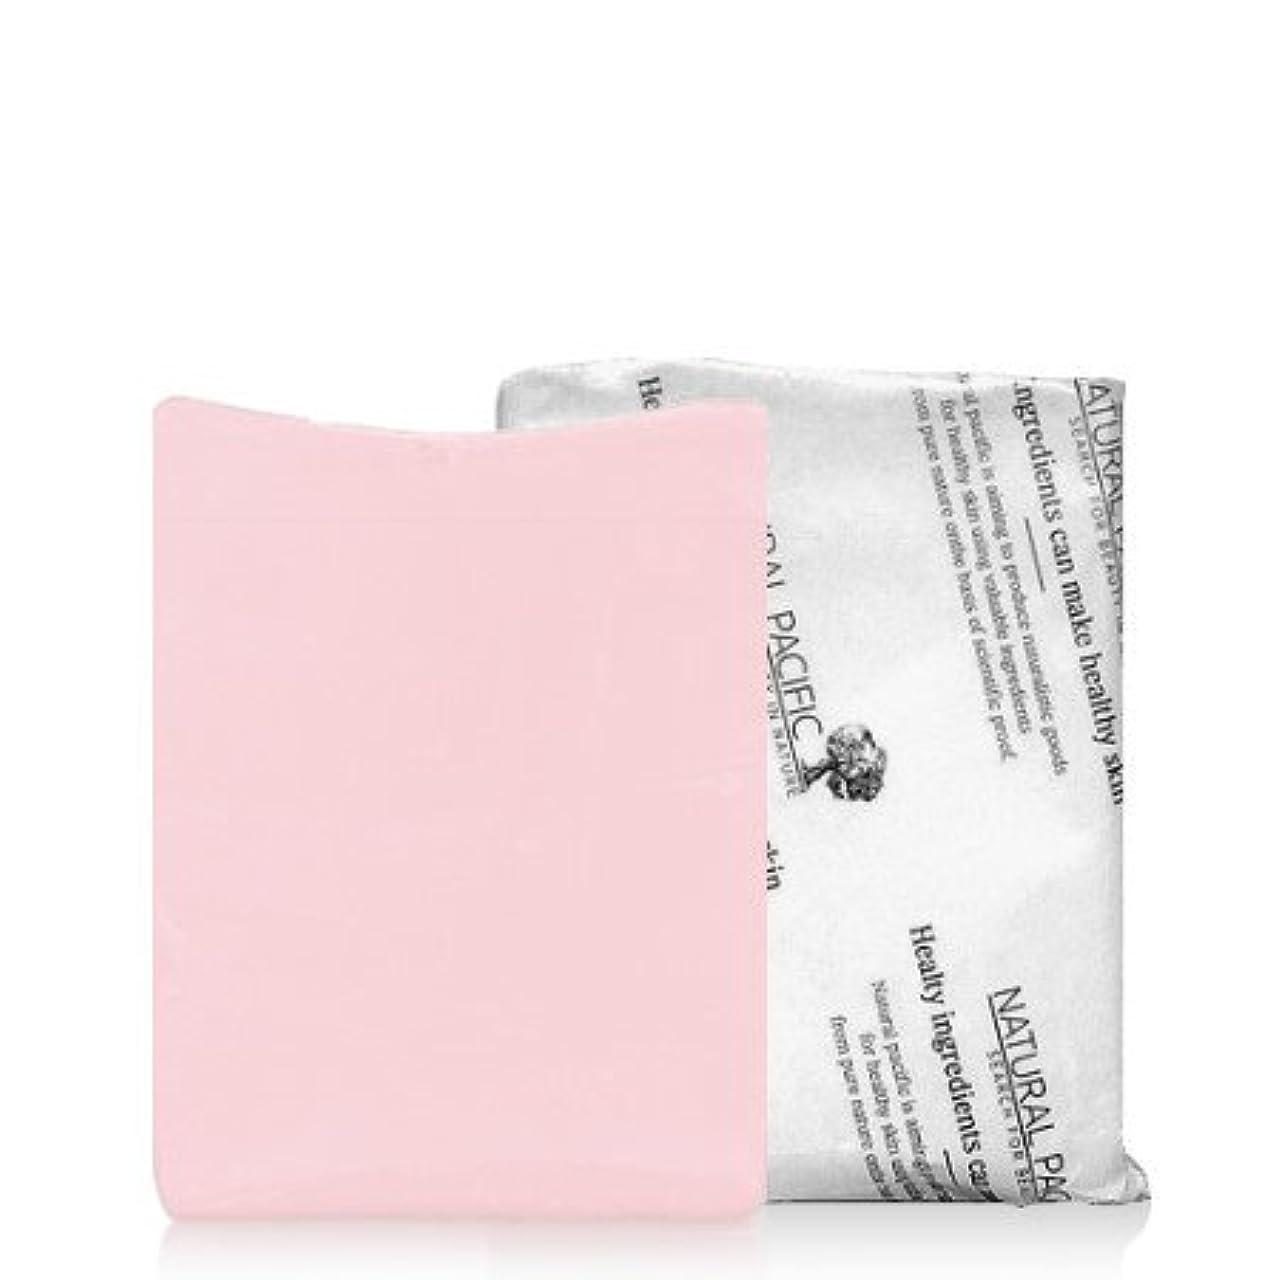 ロンドン一般的に失敗NATURAL PACIFIC Pink Calming Soap/ナチュラルパシフィック ピンク カーミング ソープ (1個) [並行輸入品]